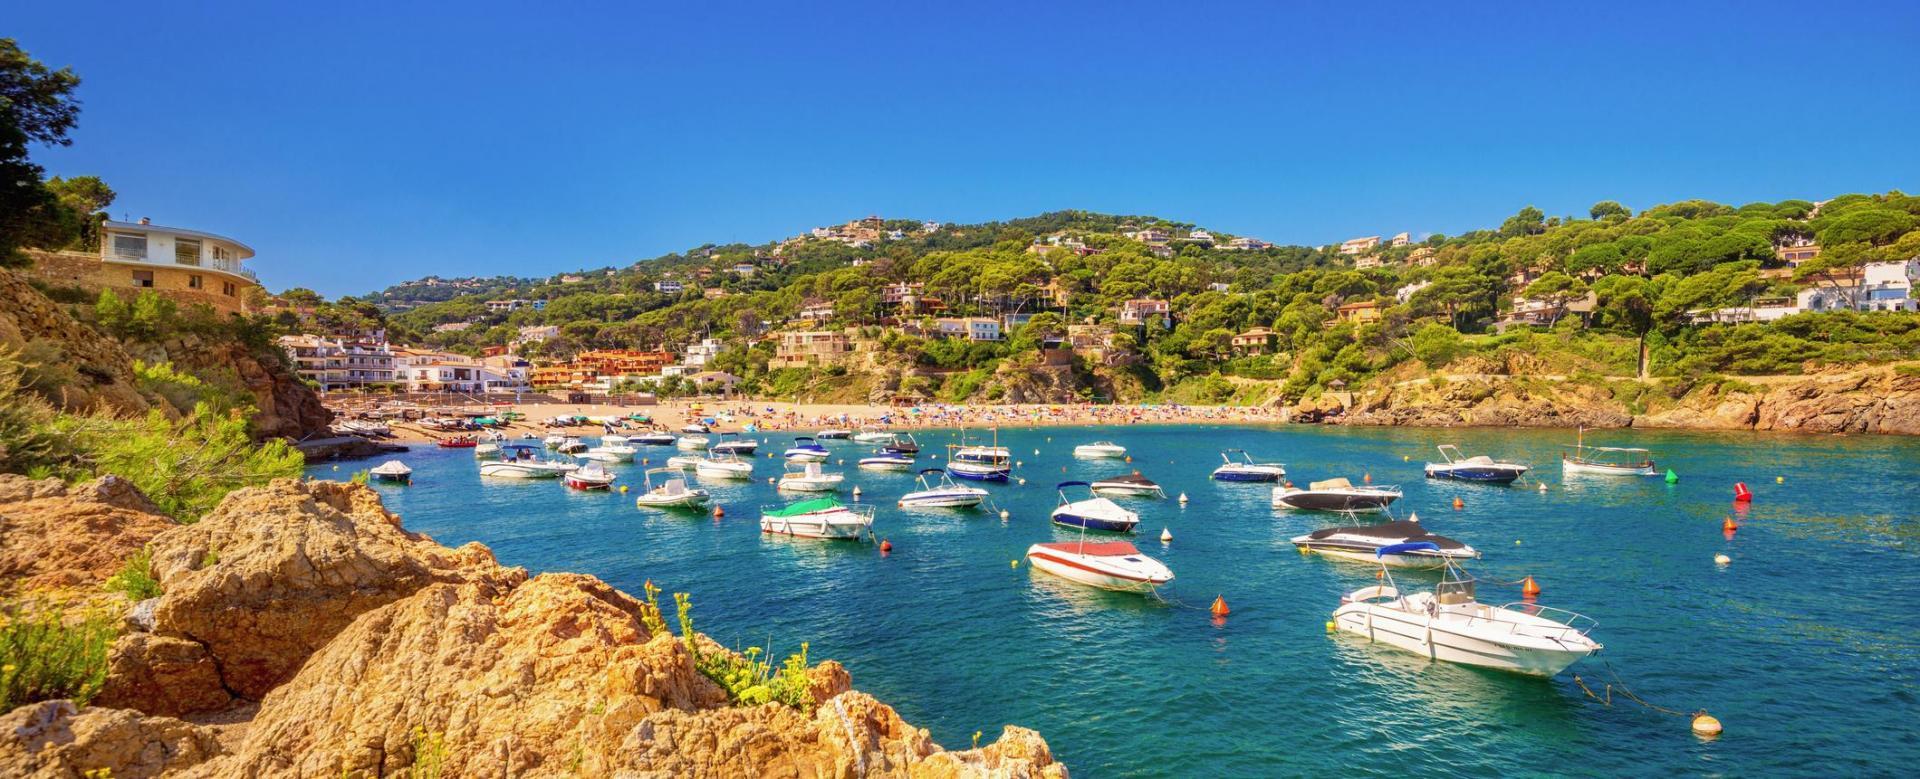 Voyage à pied : Cadaqués et montagnes catalanes